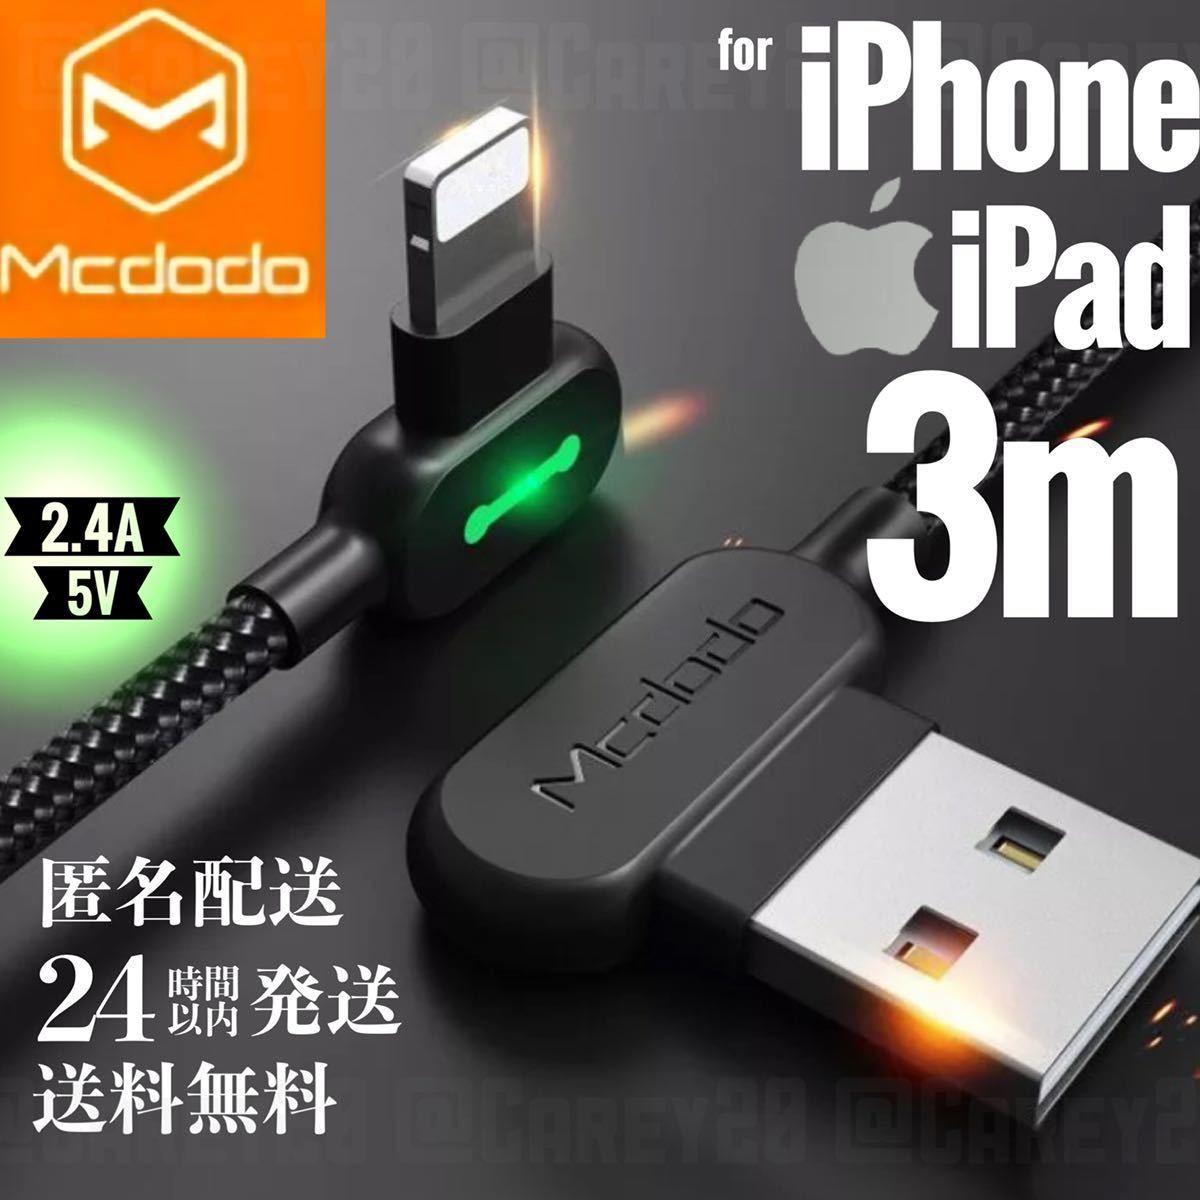 L字型 3m ブラック 充電ケーブル ライトニング ケーブル iPhone iPad急速充電 USBケーブル データ転送 充電器 ライトニングケーブル